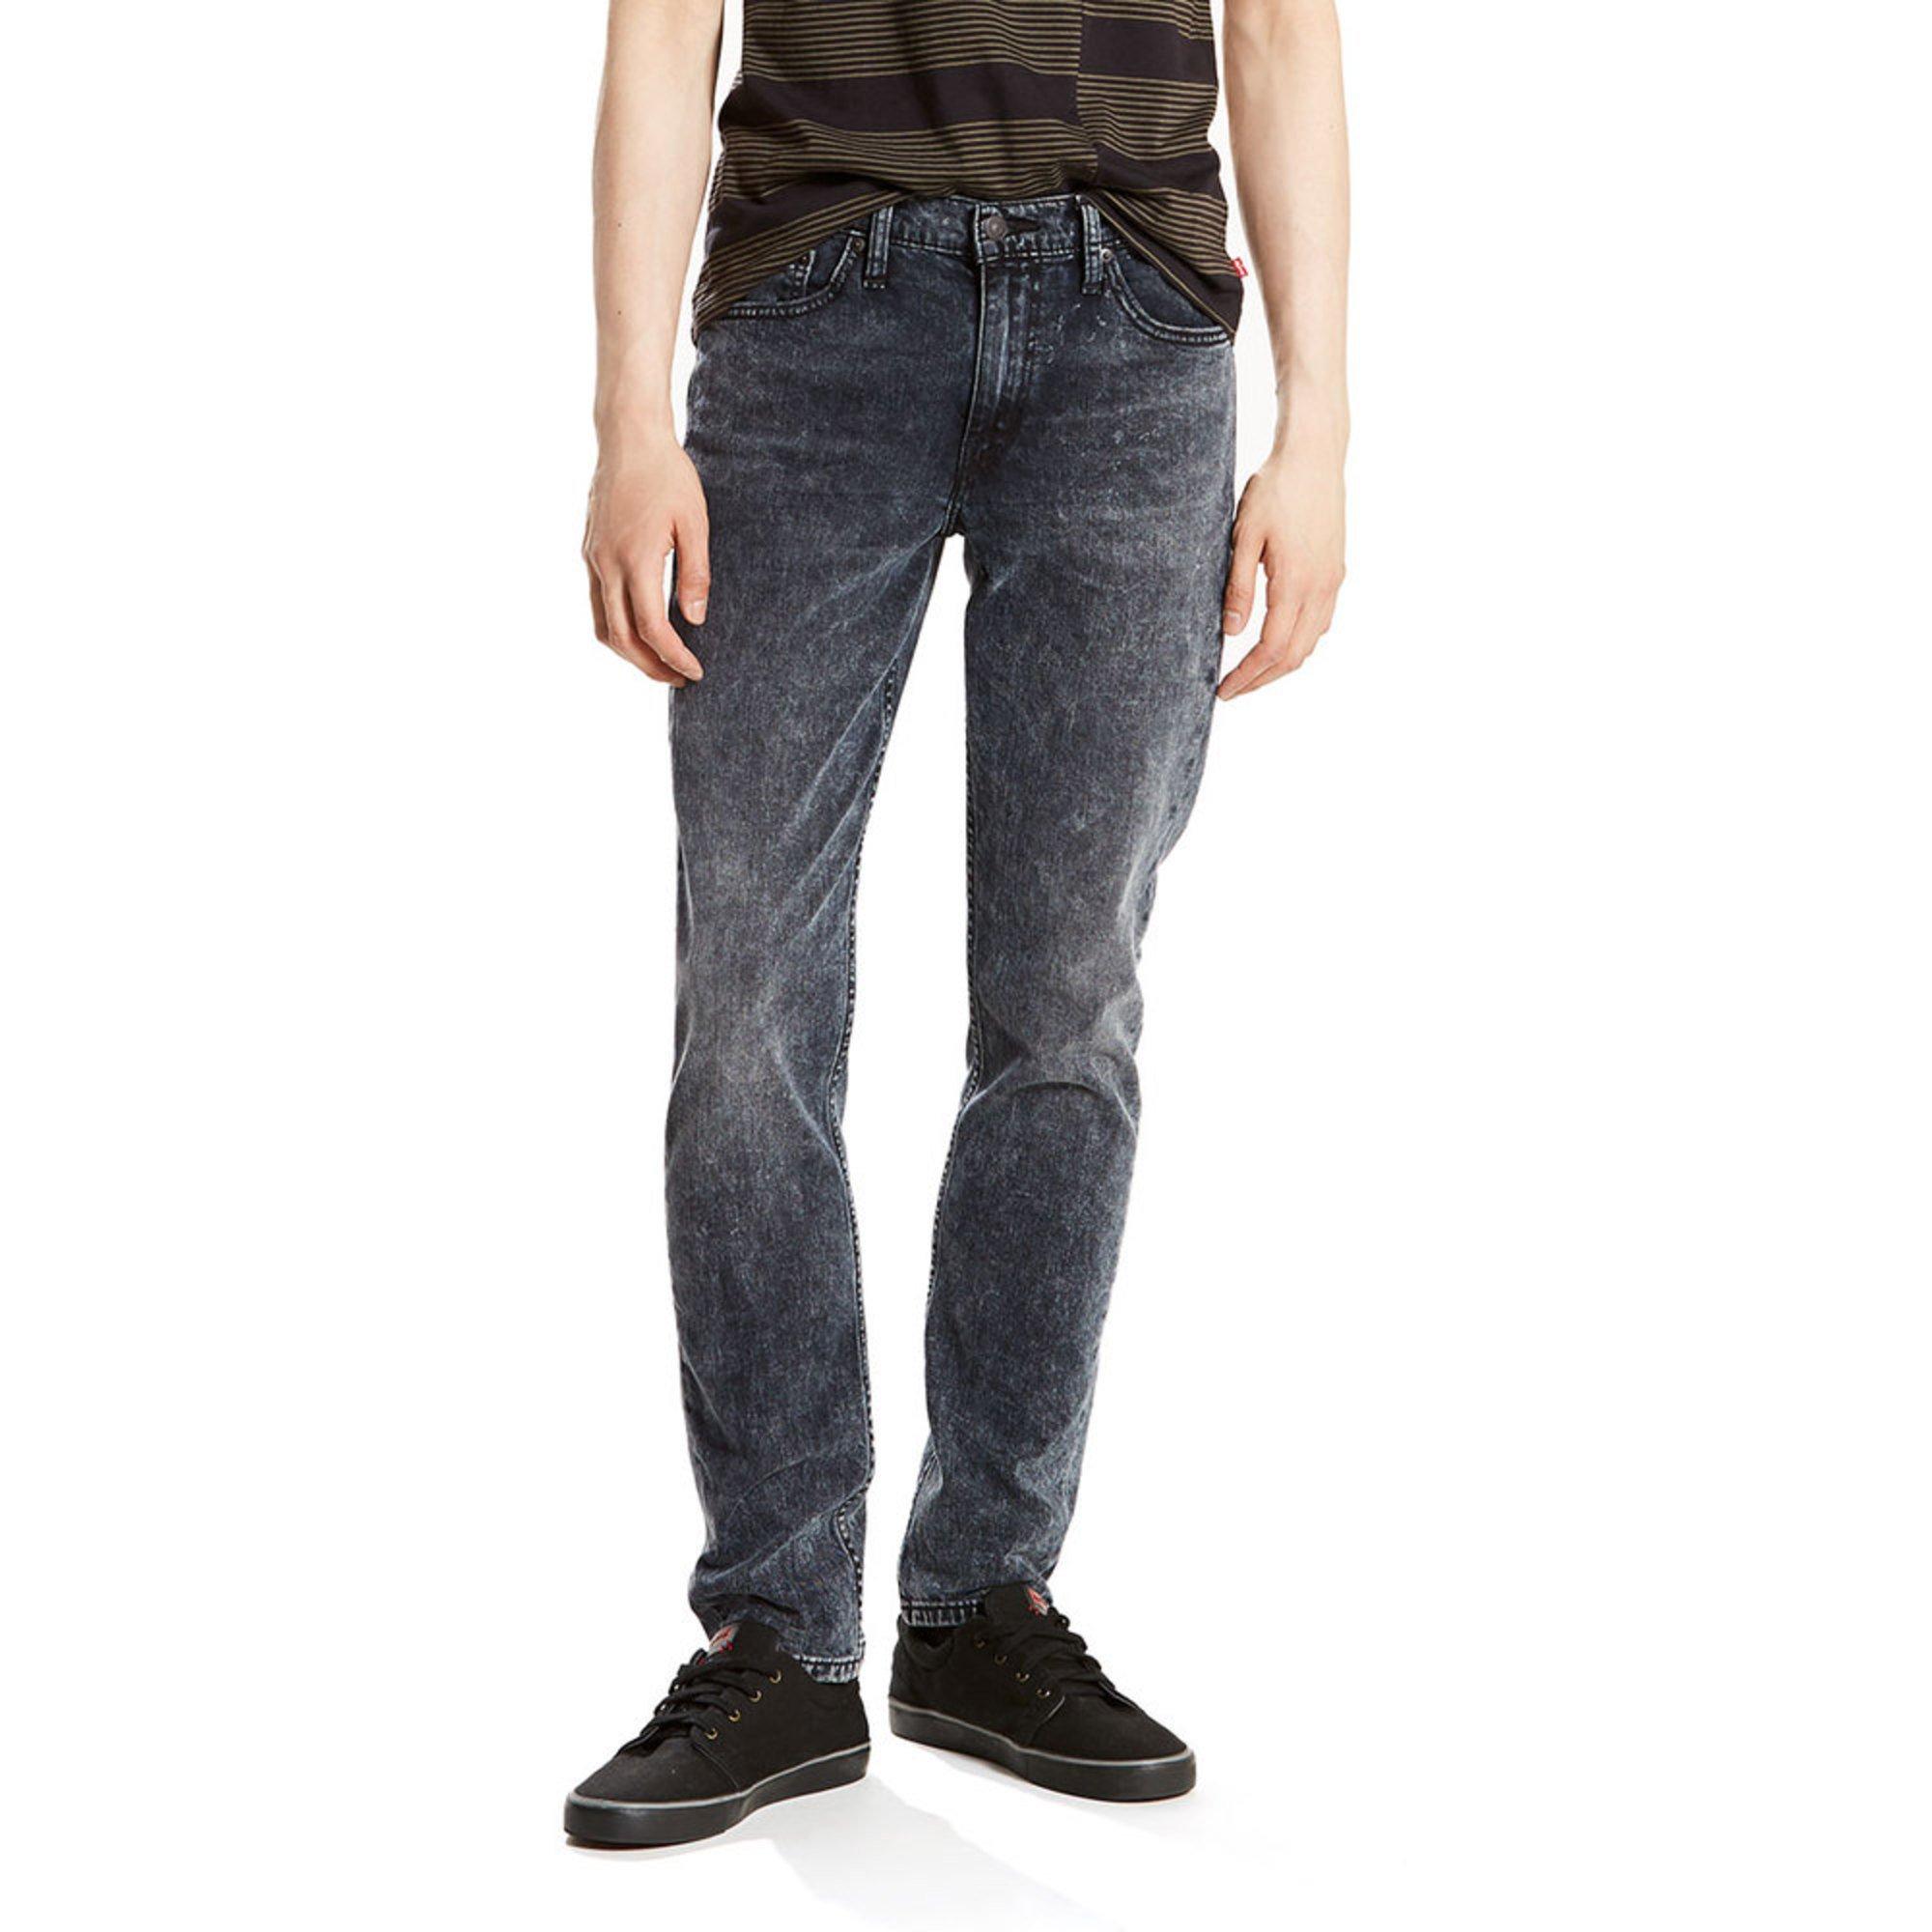 4d57afac636 Levi's Men's 511 Slim Fit Denim Jeans   Men's Jeans   Apparel - Shop ...